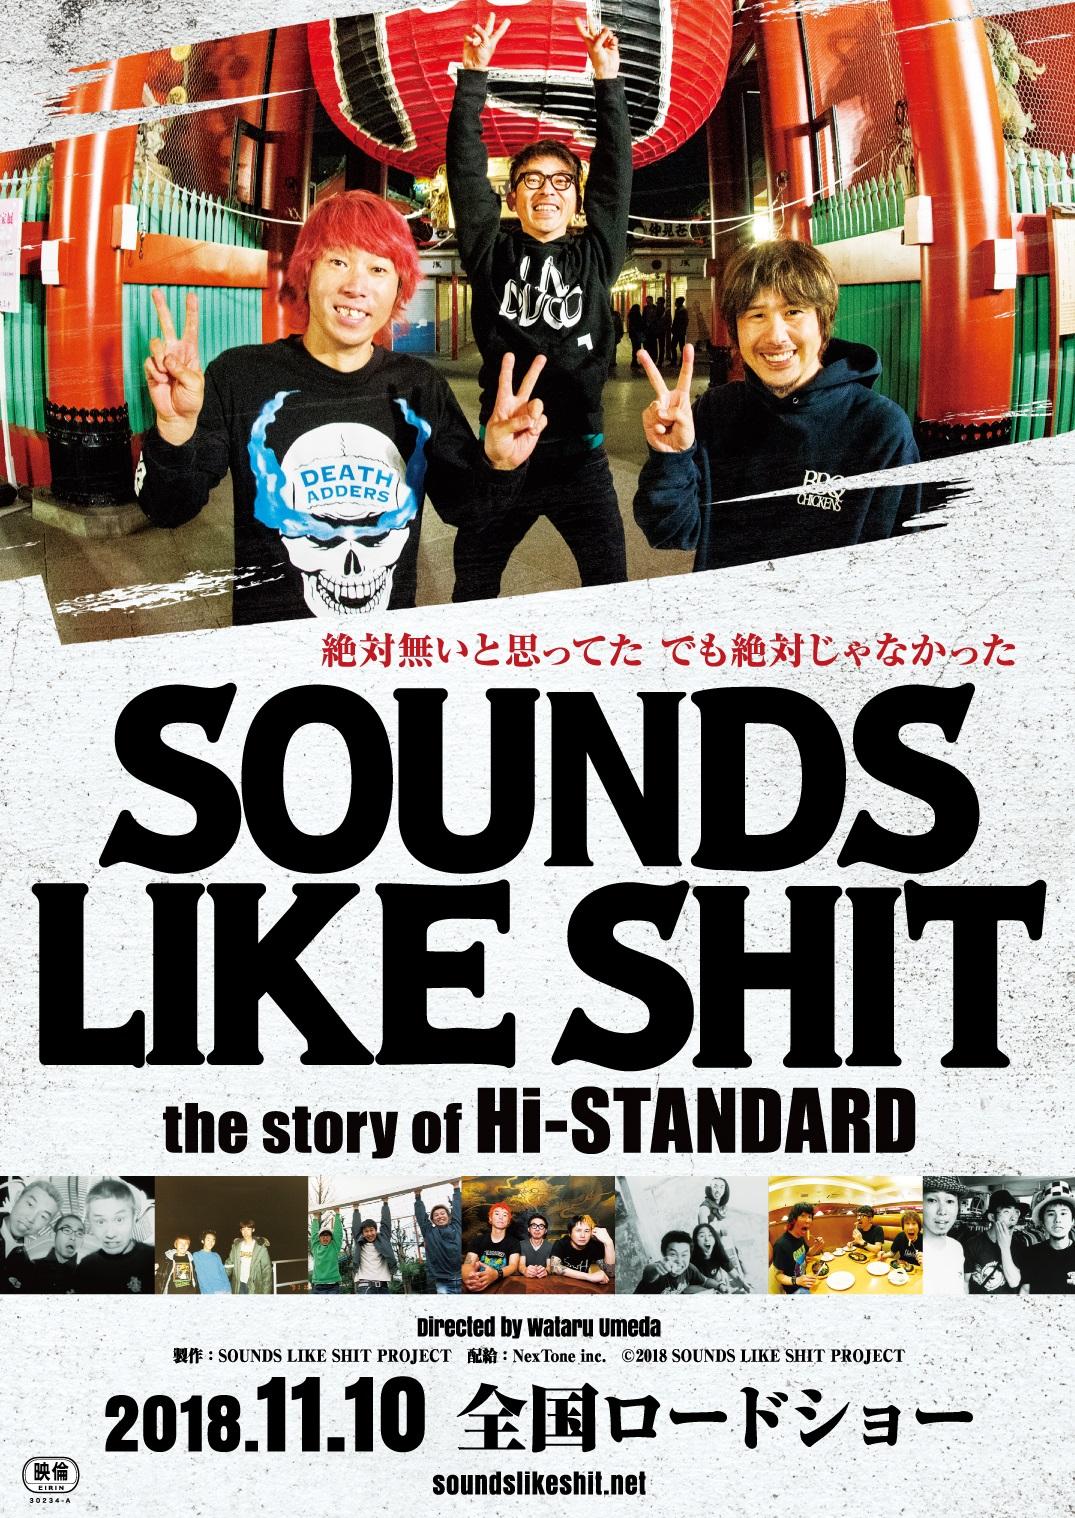 映画「SOUNDS LIKE SHIT: the story of Hi-STANDARD」公開中!